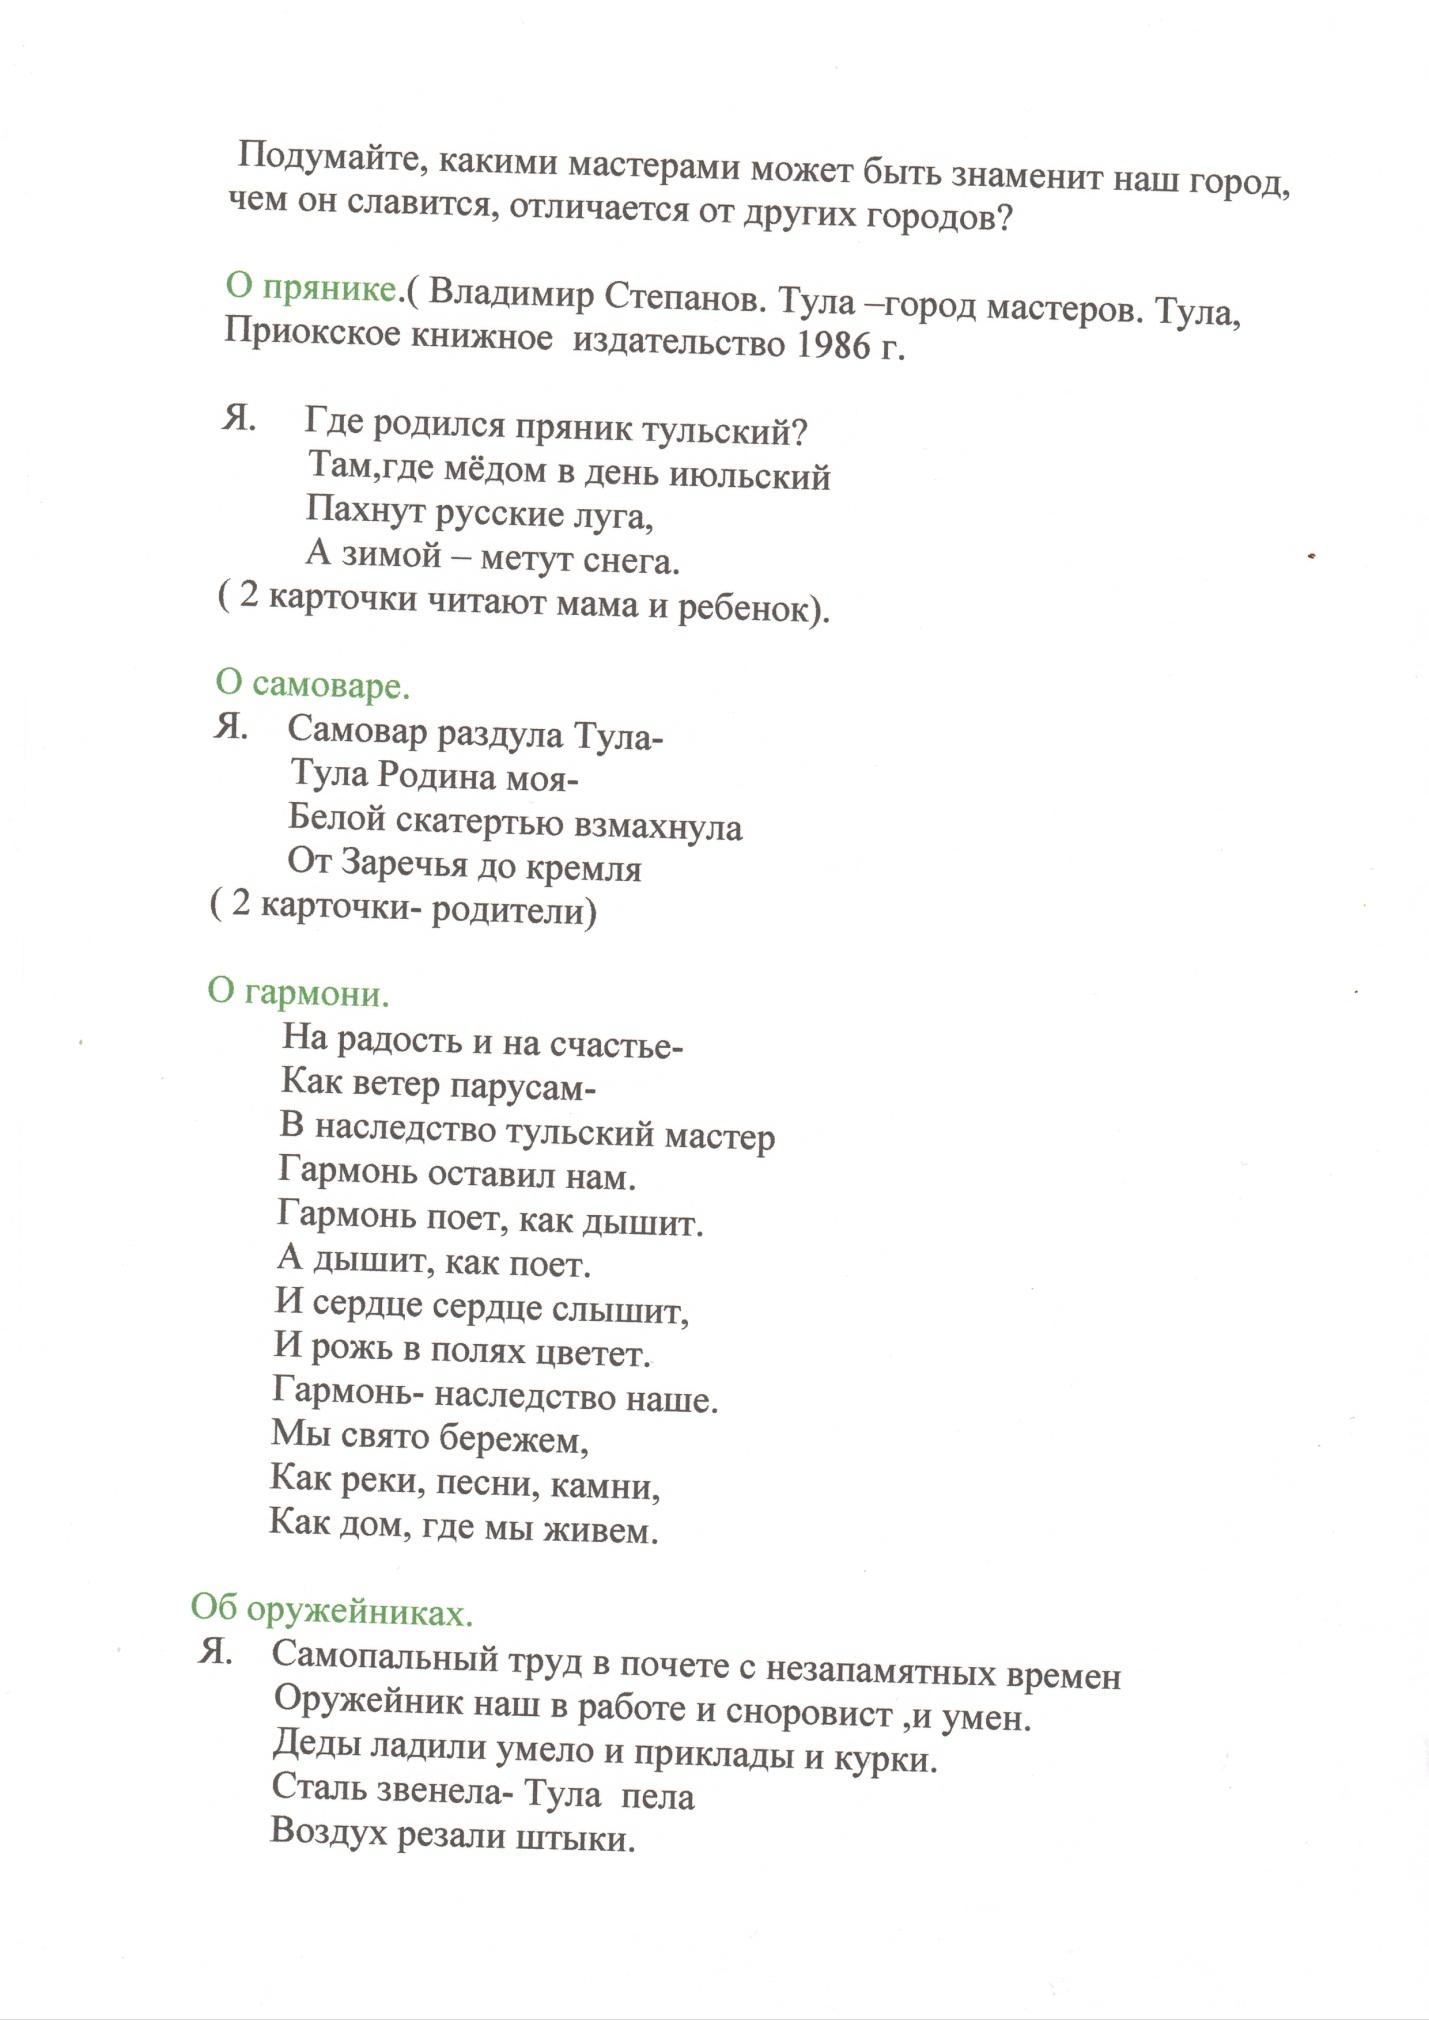 D:\Фото\ГОРОД МАСТЕРОВ-ТУЛА\020003.JPG